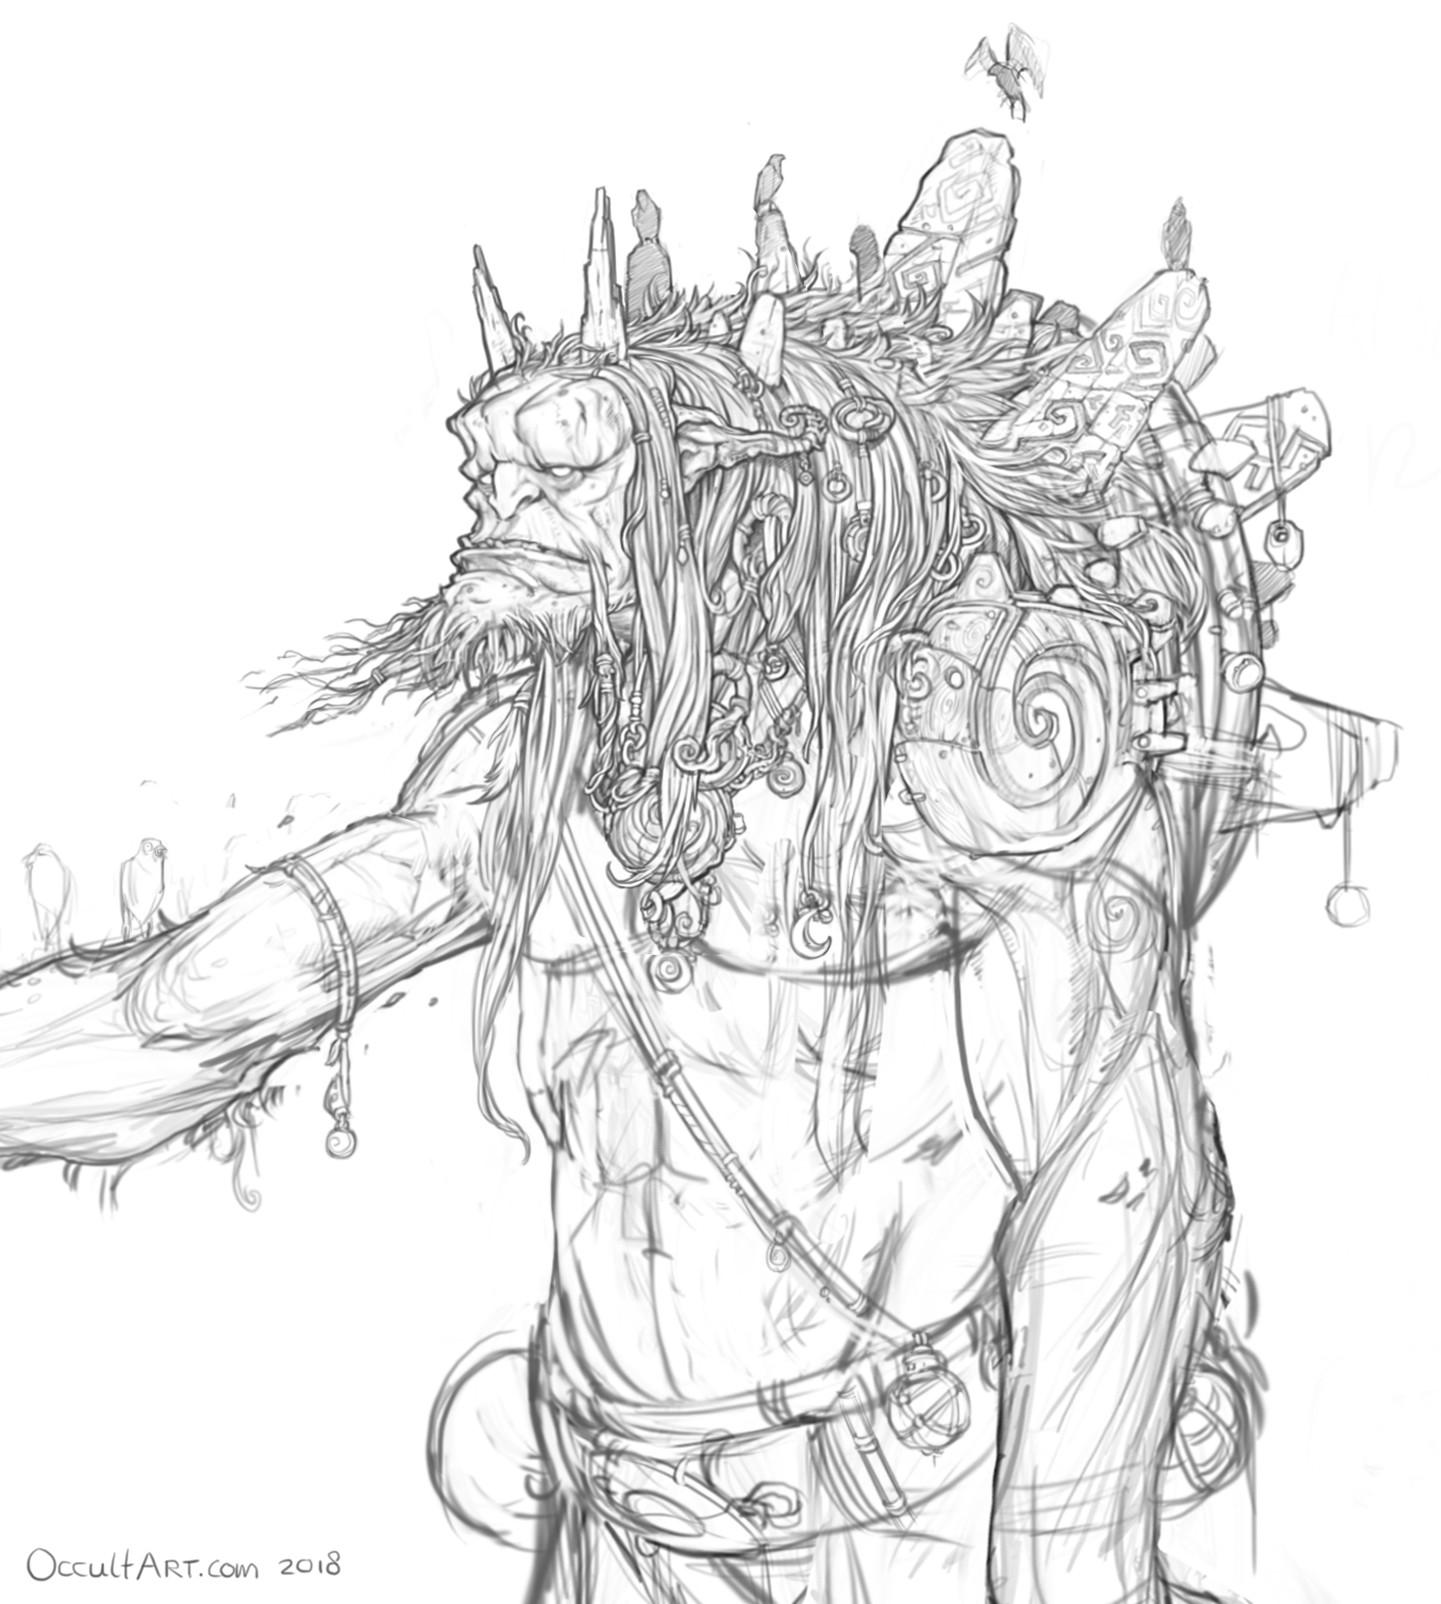 Occultart   creature sketches 028 02